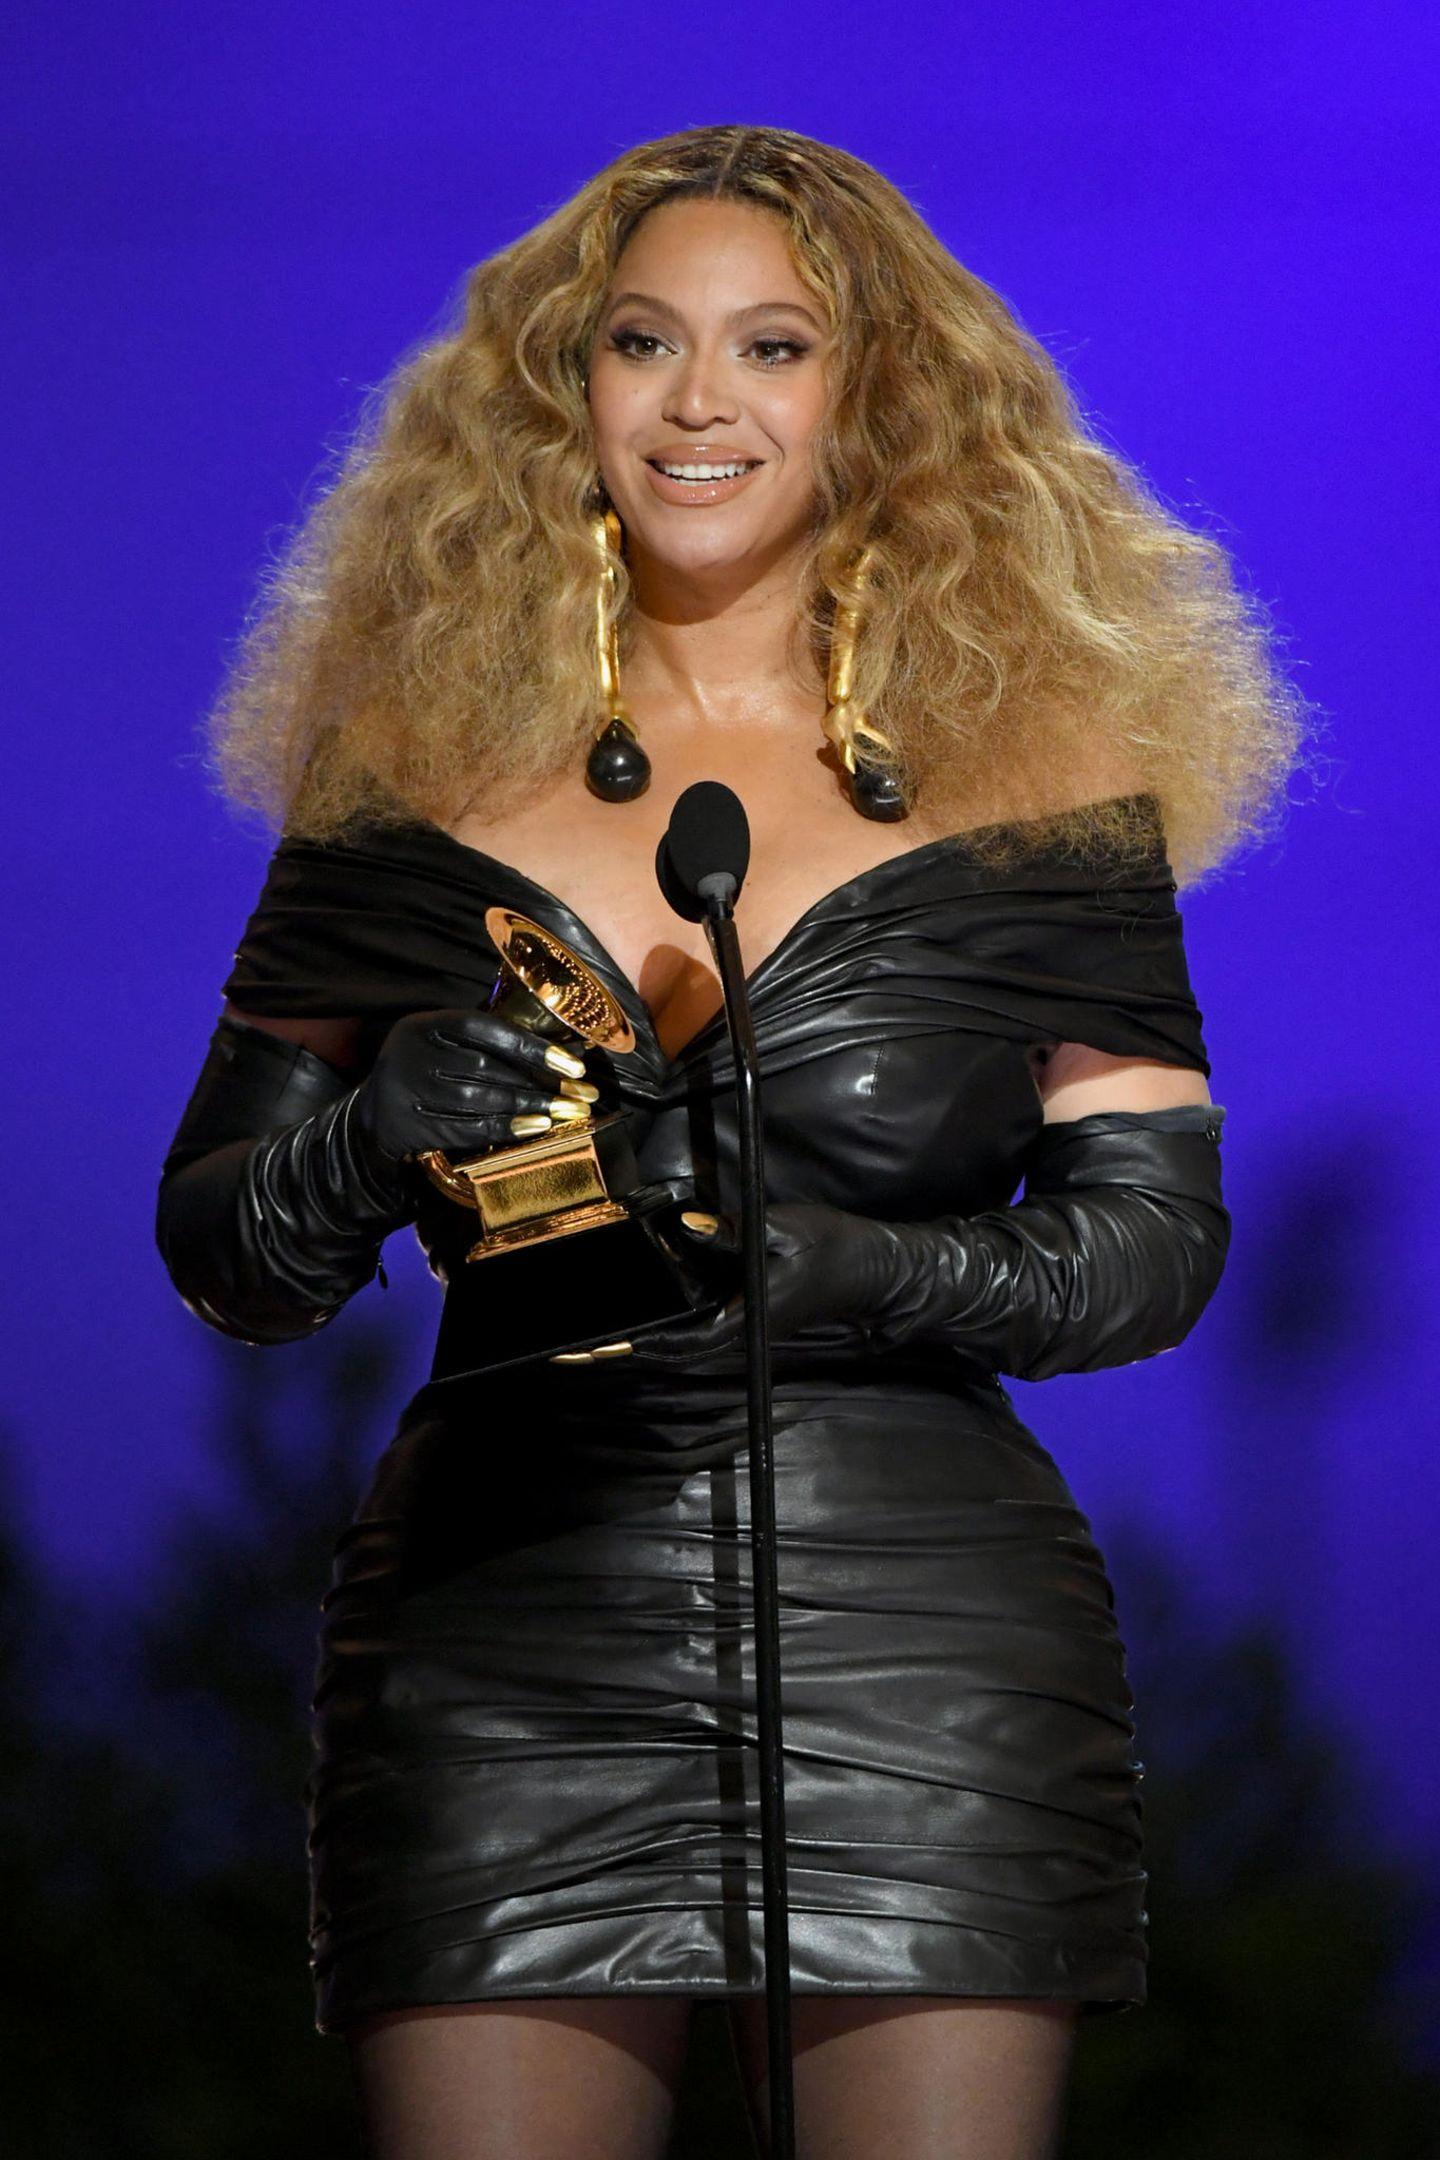 Abräumerin des Abends war Beyoncé, die mit ihrem 28. Grammy-Gewinn in die Geschichte eingeht. Und auch für ihr enganliegendes Lederkleid mit passenden Handschuhen von Schiaparelli hätte die Sängerin eigentlich einen Preis verdient.